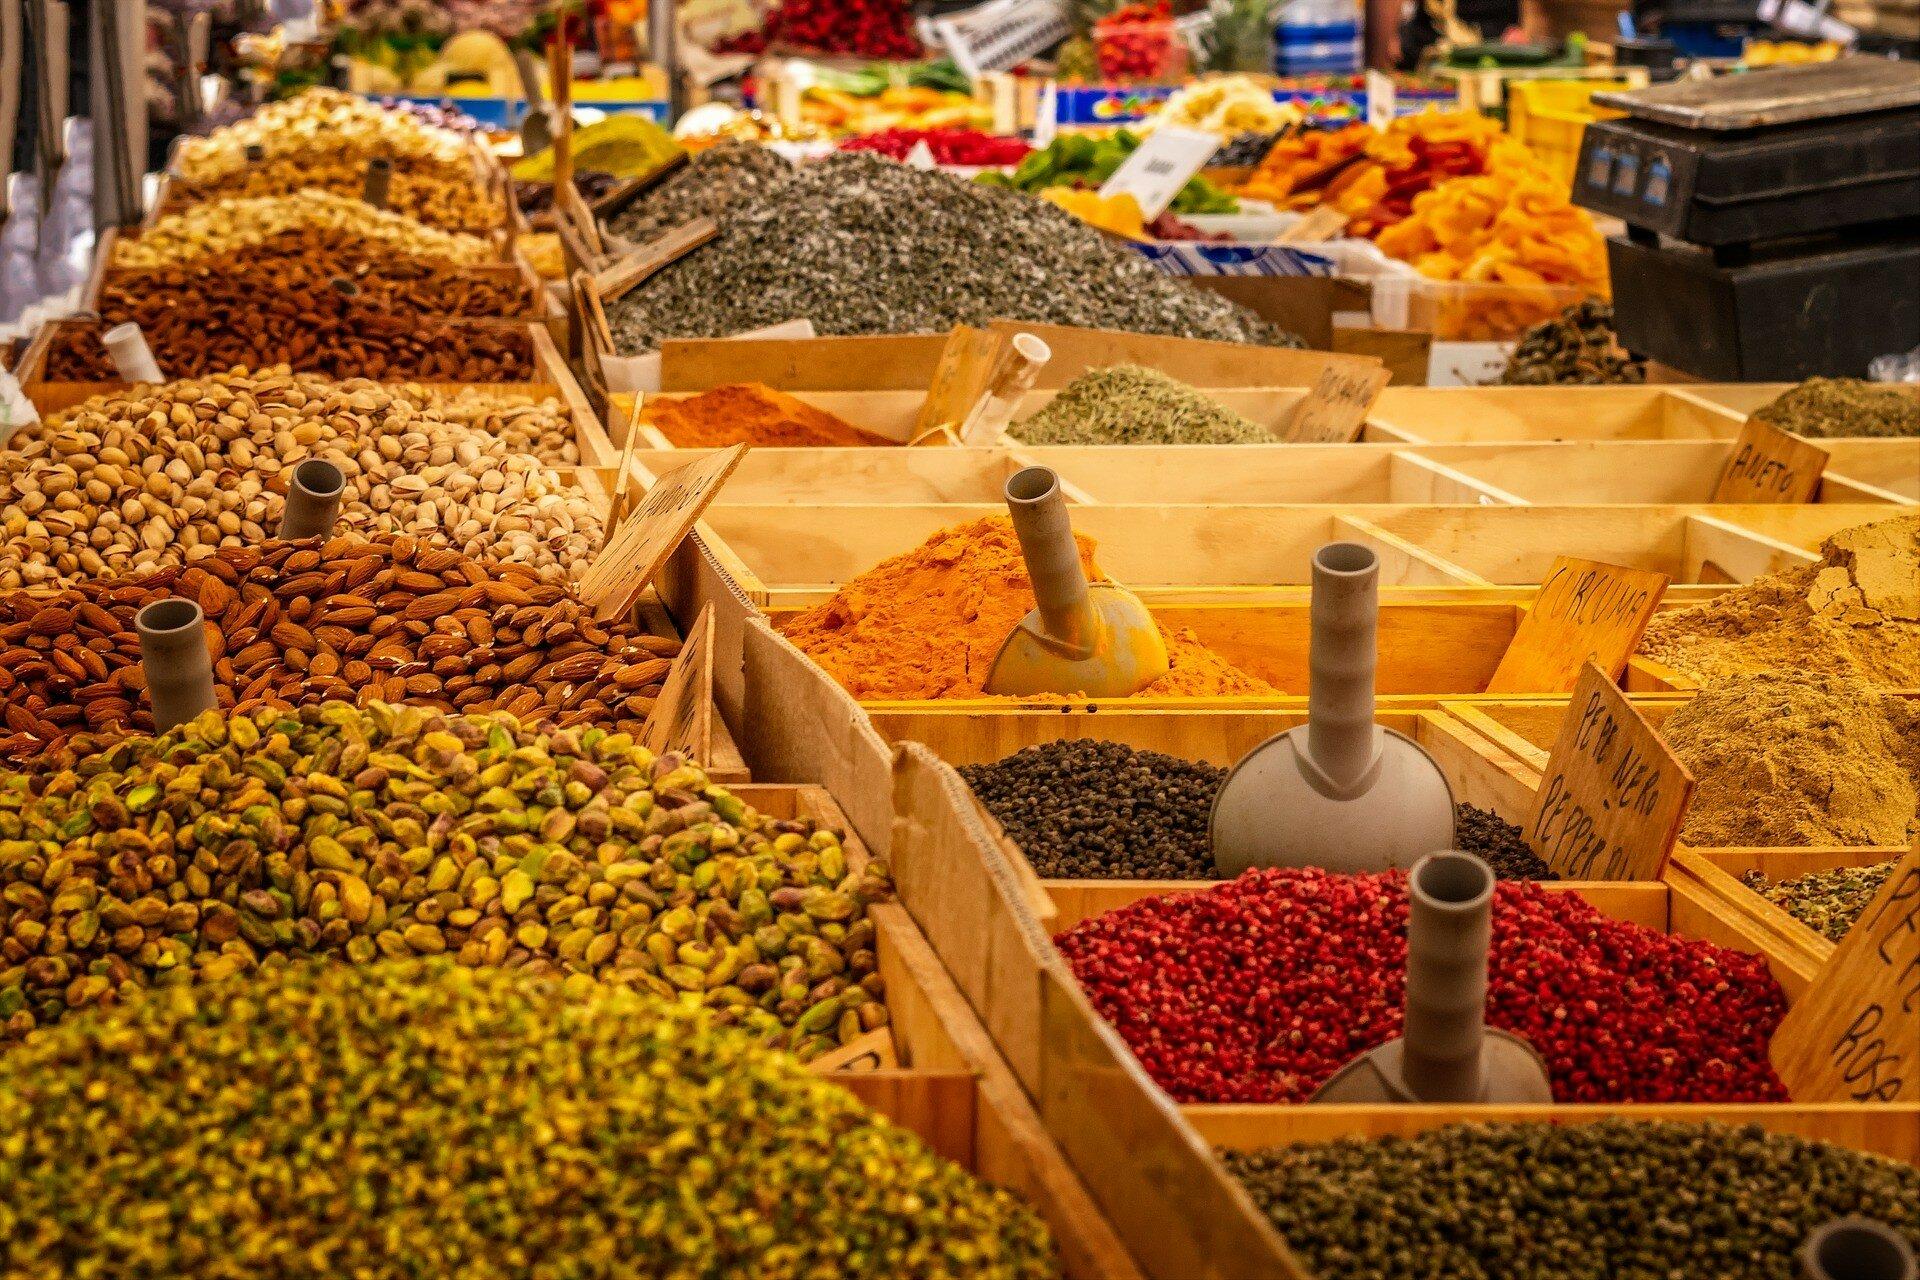 Как правильно хранить специи, чтобы сохранить вкус и аромат